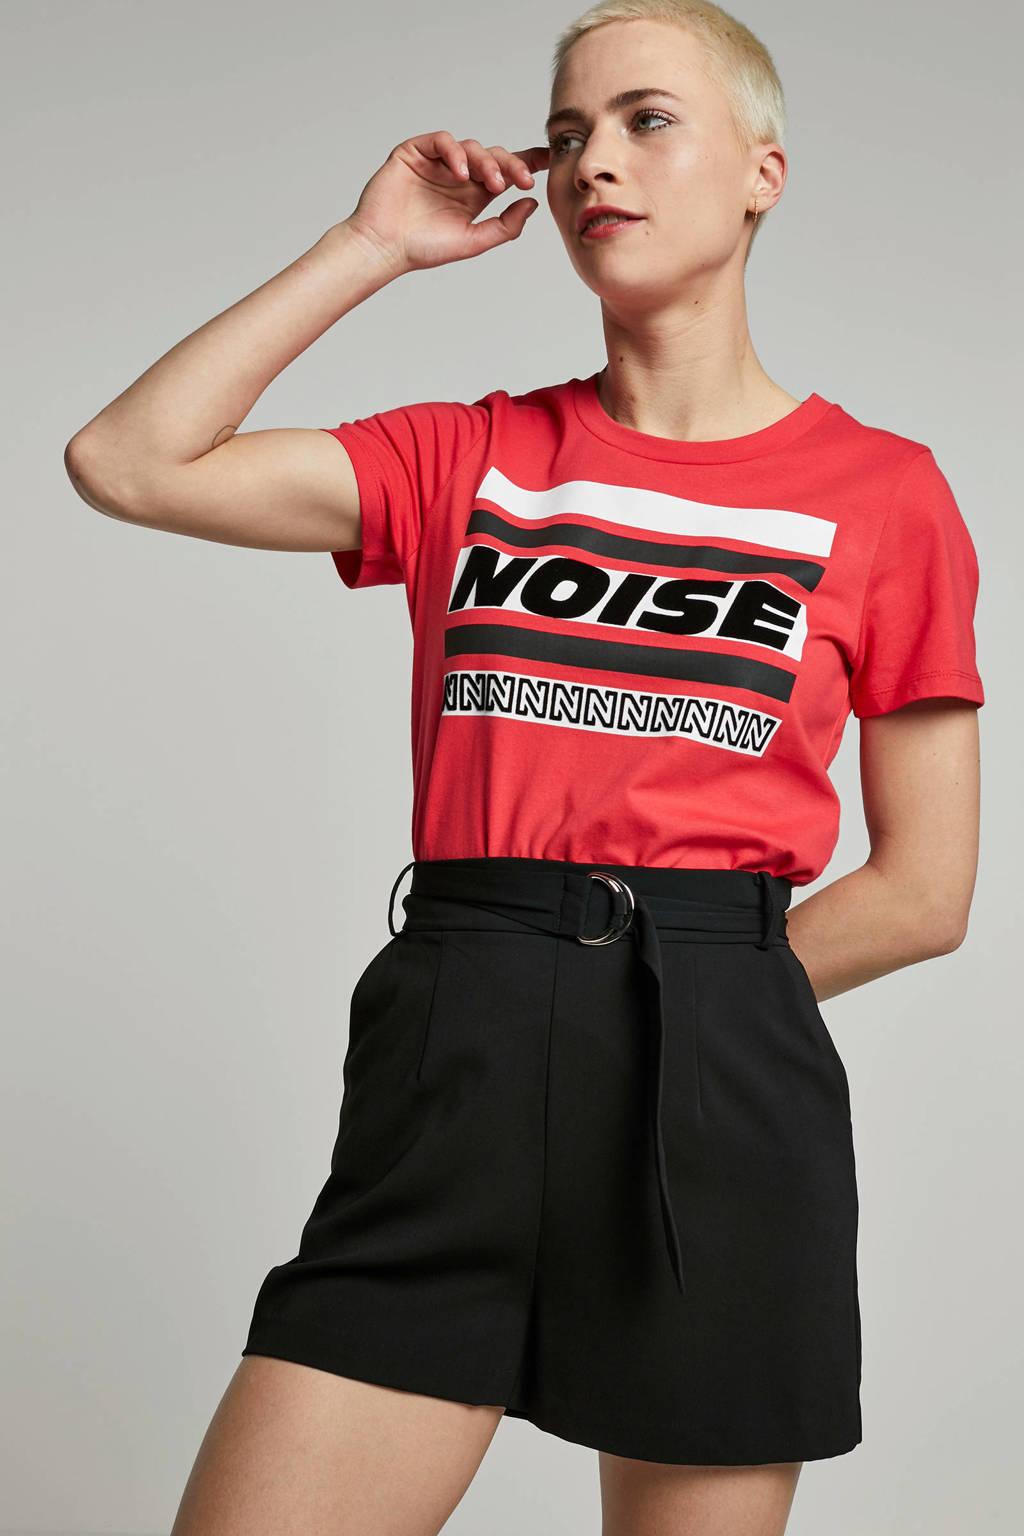 NIKKIE T-shirt rood met opdruk, Rood/wit/zwart